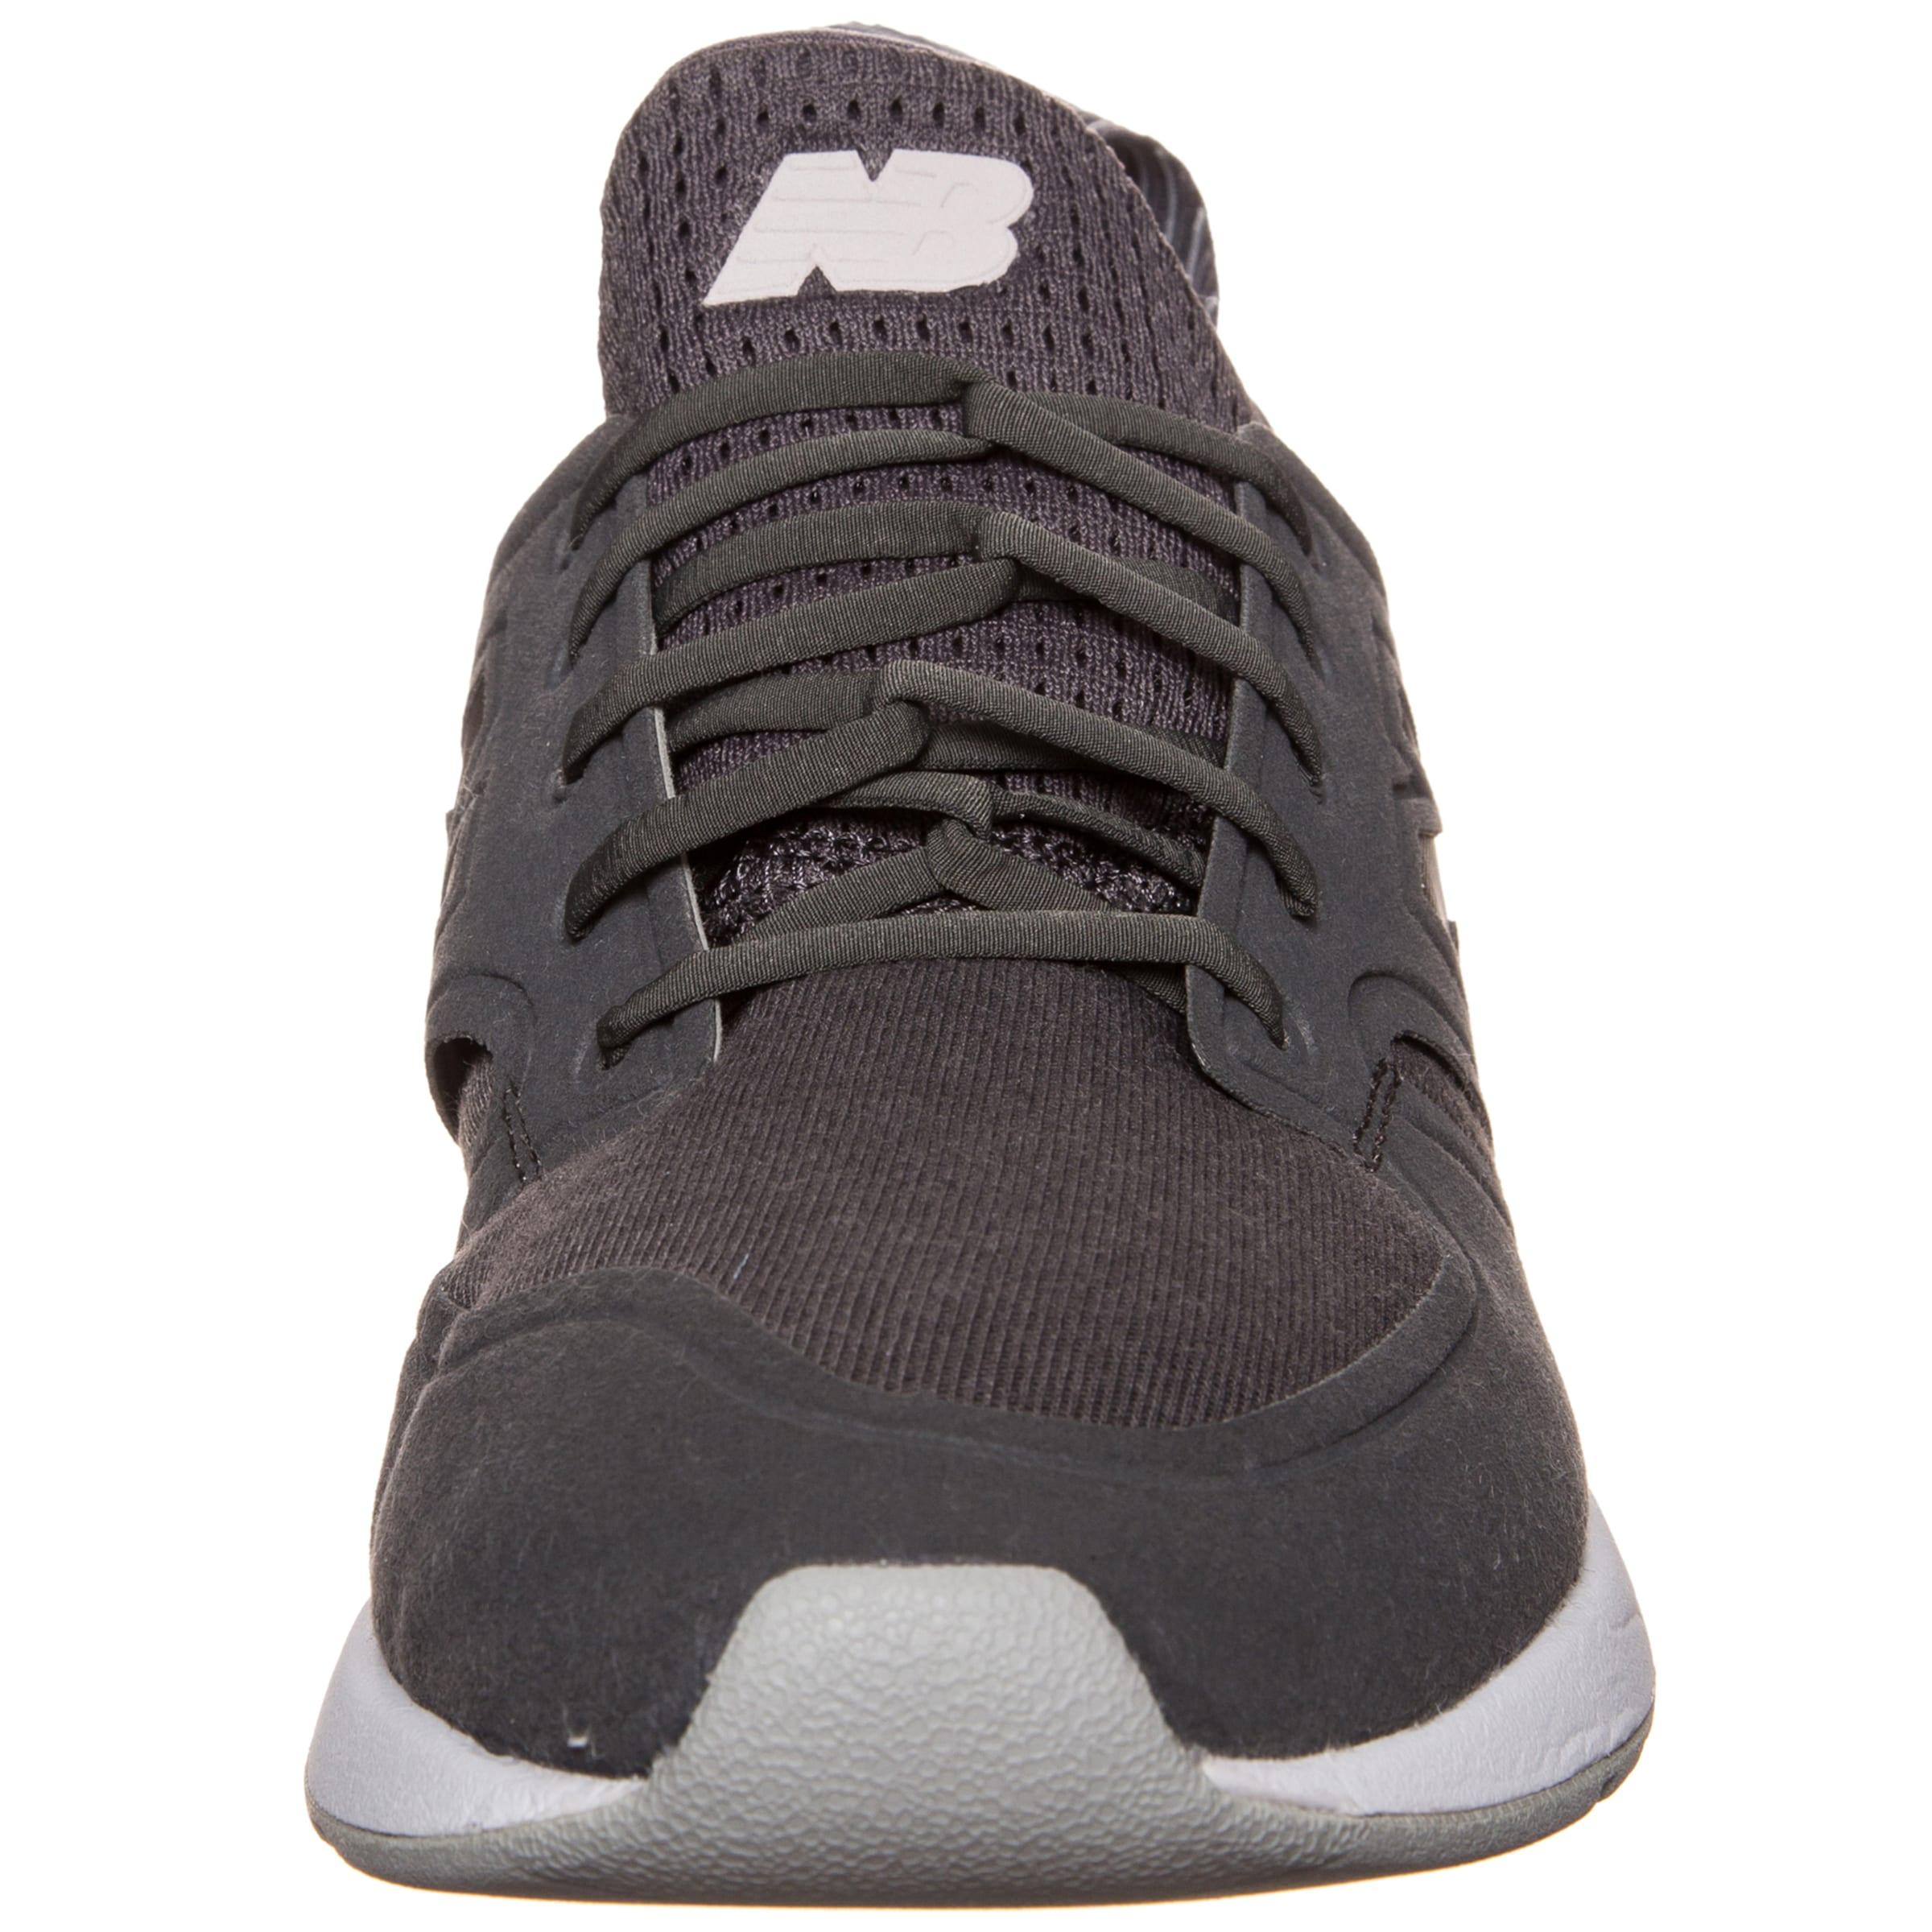 'wrl420 In Sneakers Balance b' sf New Laag Rose goudBasaltgrijs IfbY76gyv